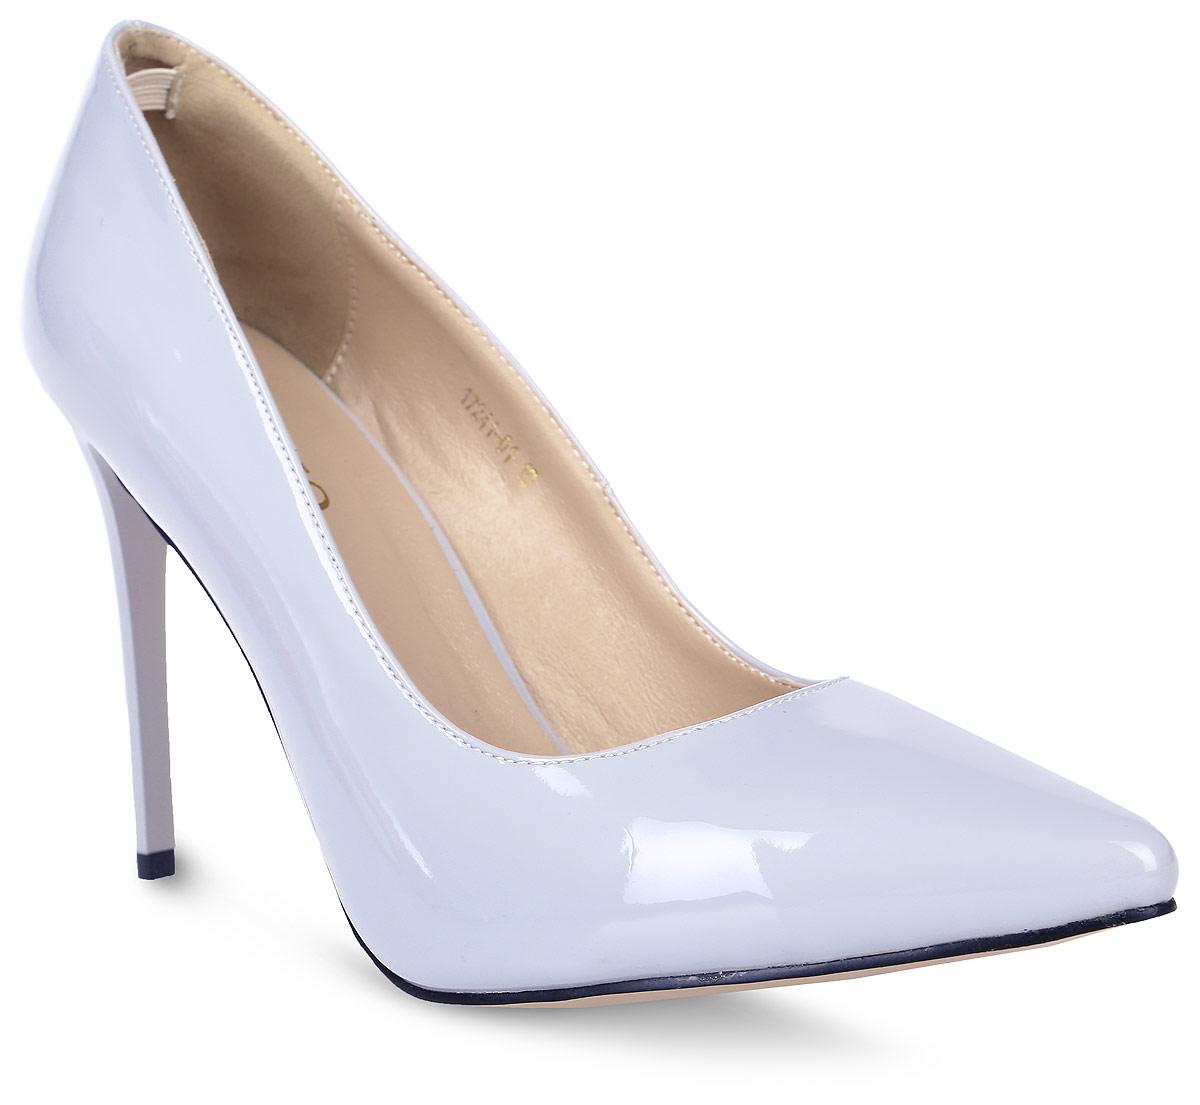 Туфли женские Inario, цвет: серый. 17241-01-10. Размер 4017241-01-10Туфли-лодочки Inario выполнены из искусственной лаковой кожи. Внутренняя поверхность и стелька из искусственной кожи обеспечат комфорт при движении. Подошва выполнена из полимера. Модель имеет острый мысок и высокий каблук-шпильку.